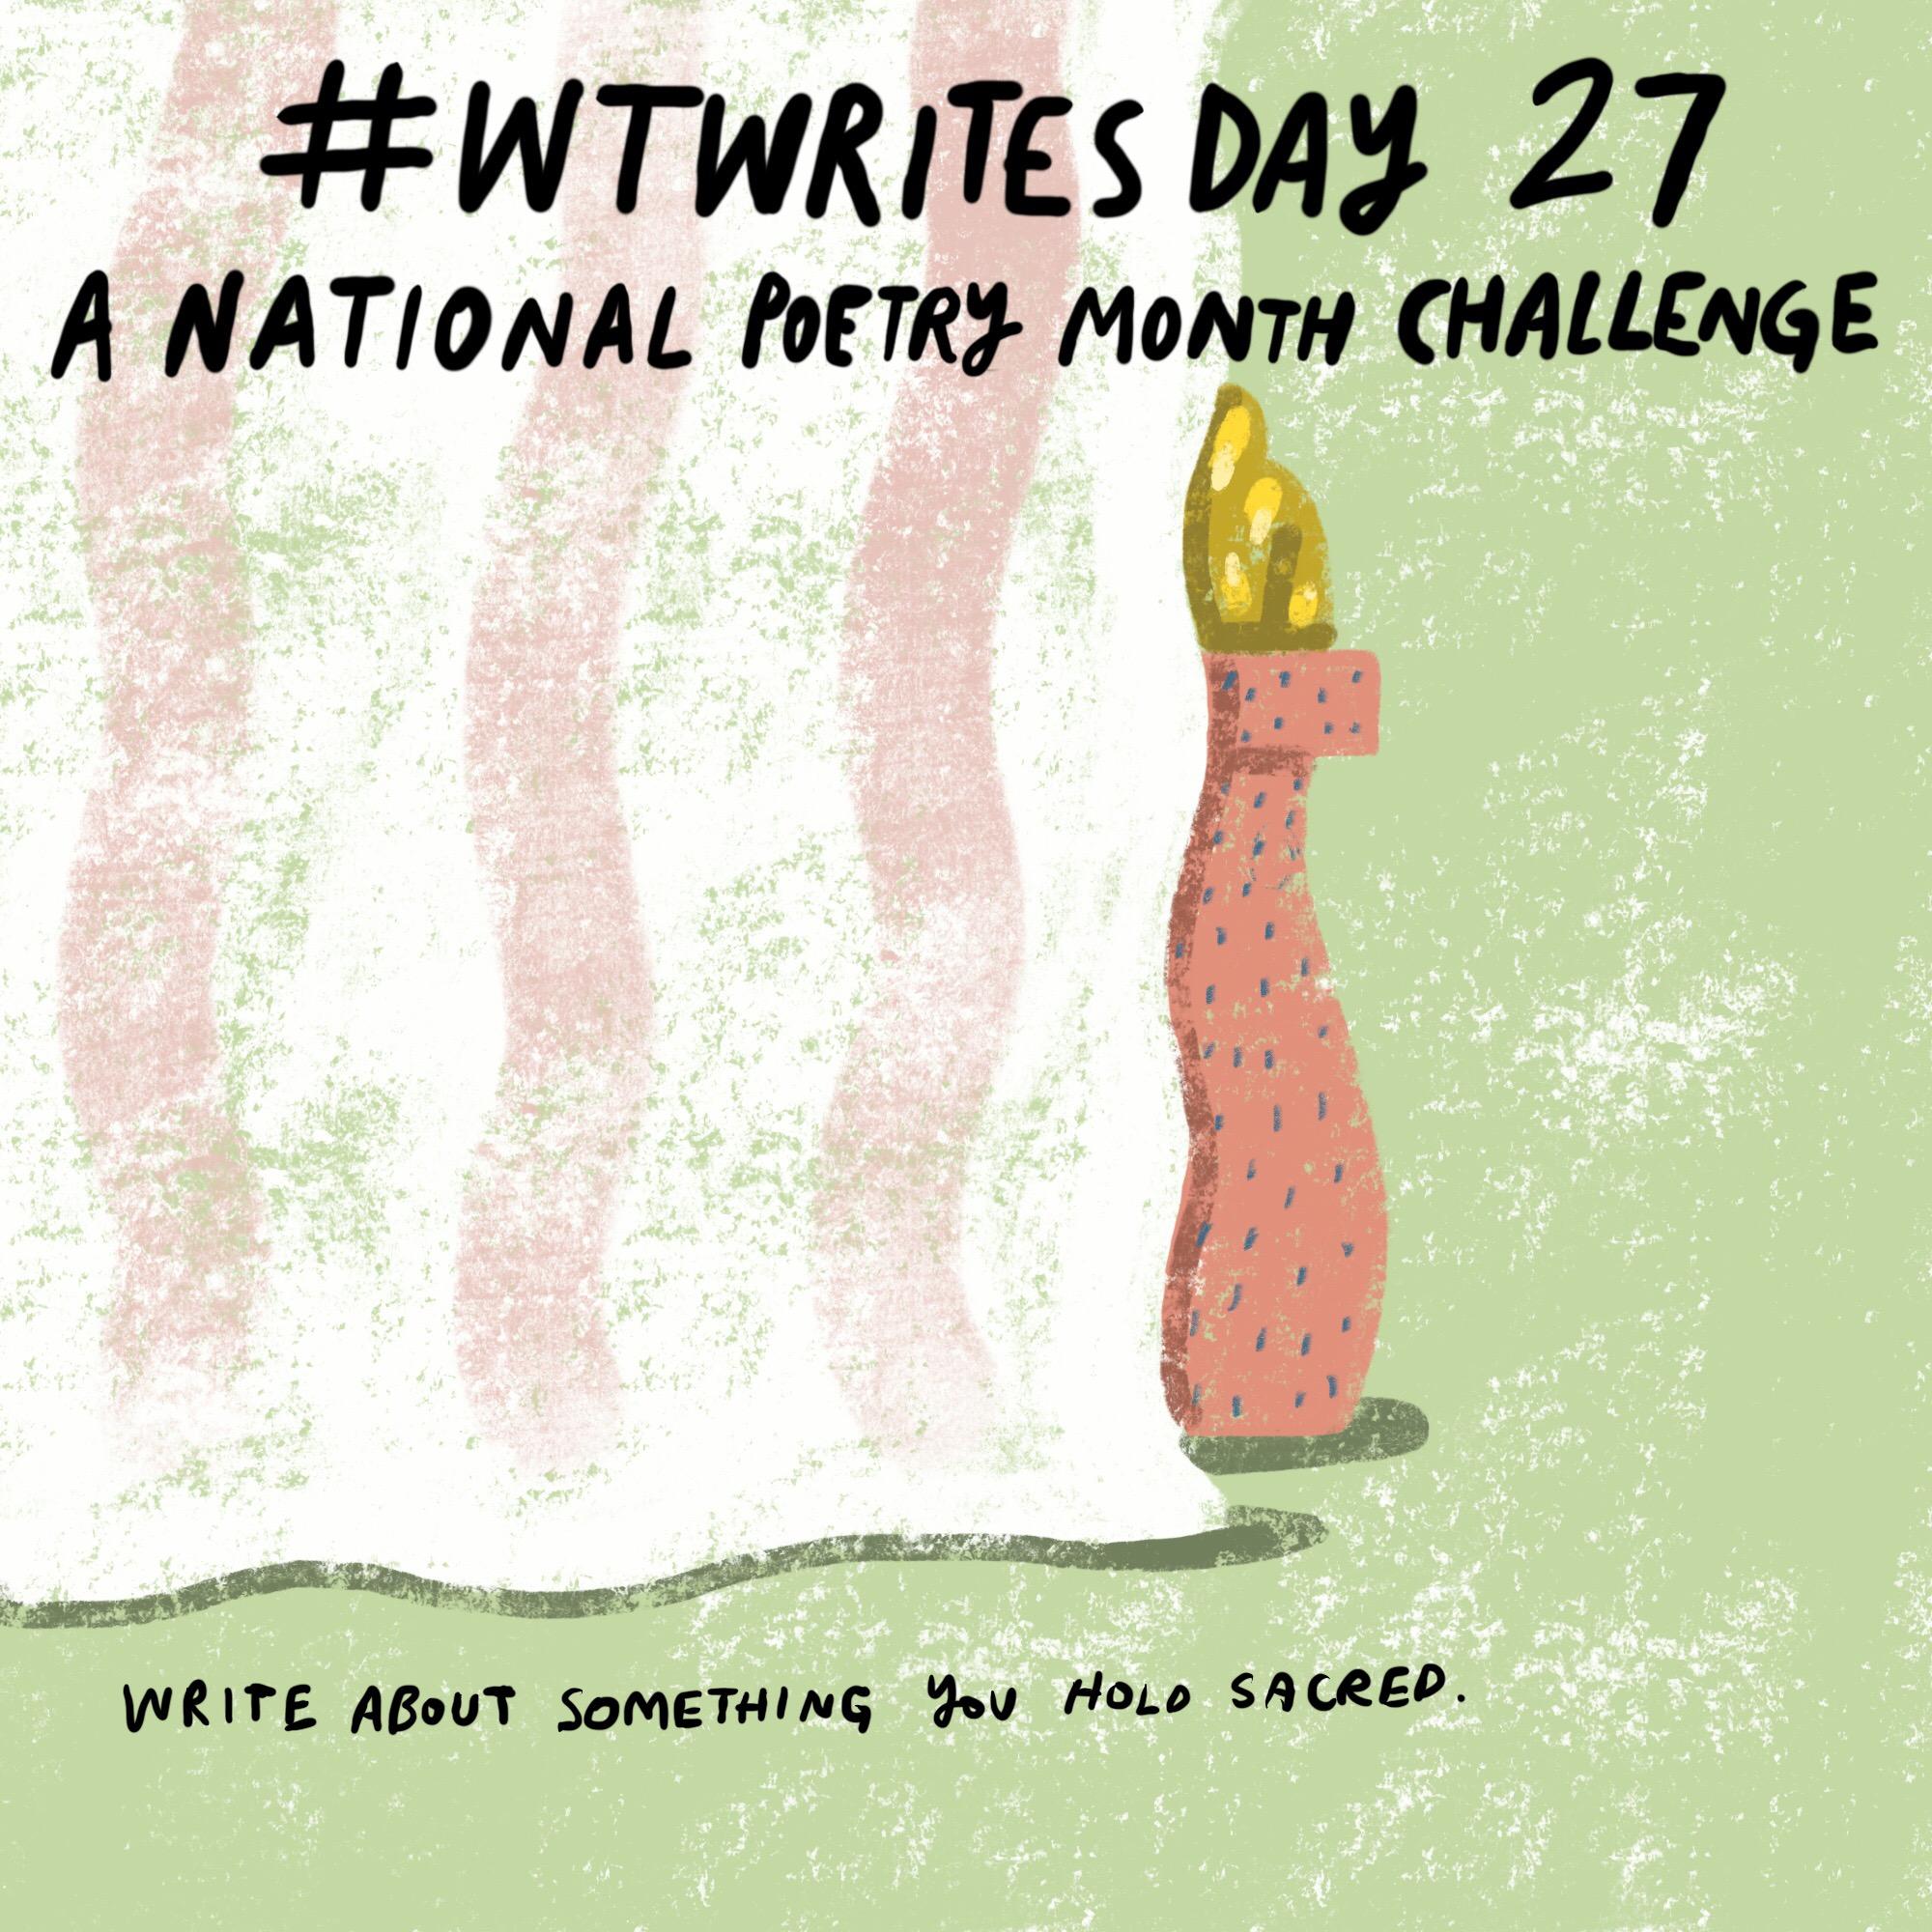 WT_Day_27.jpg